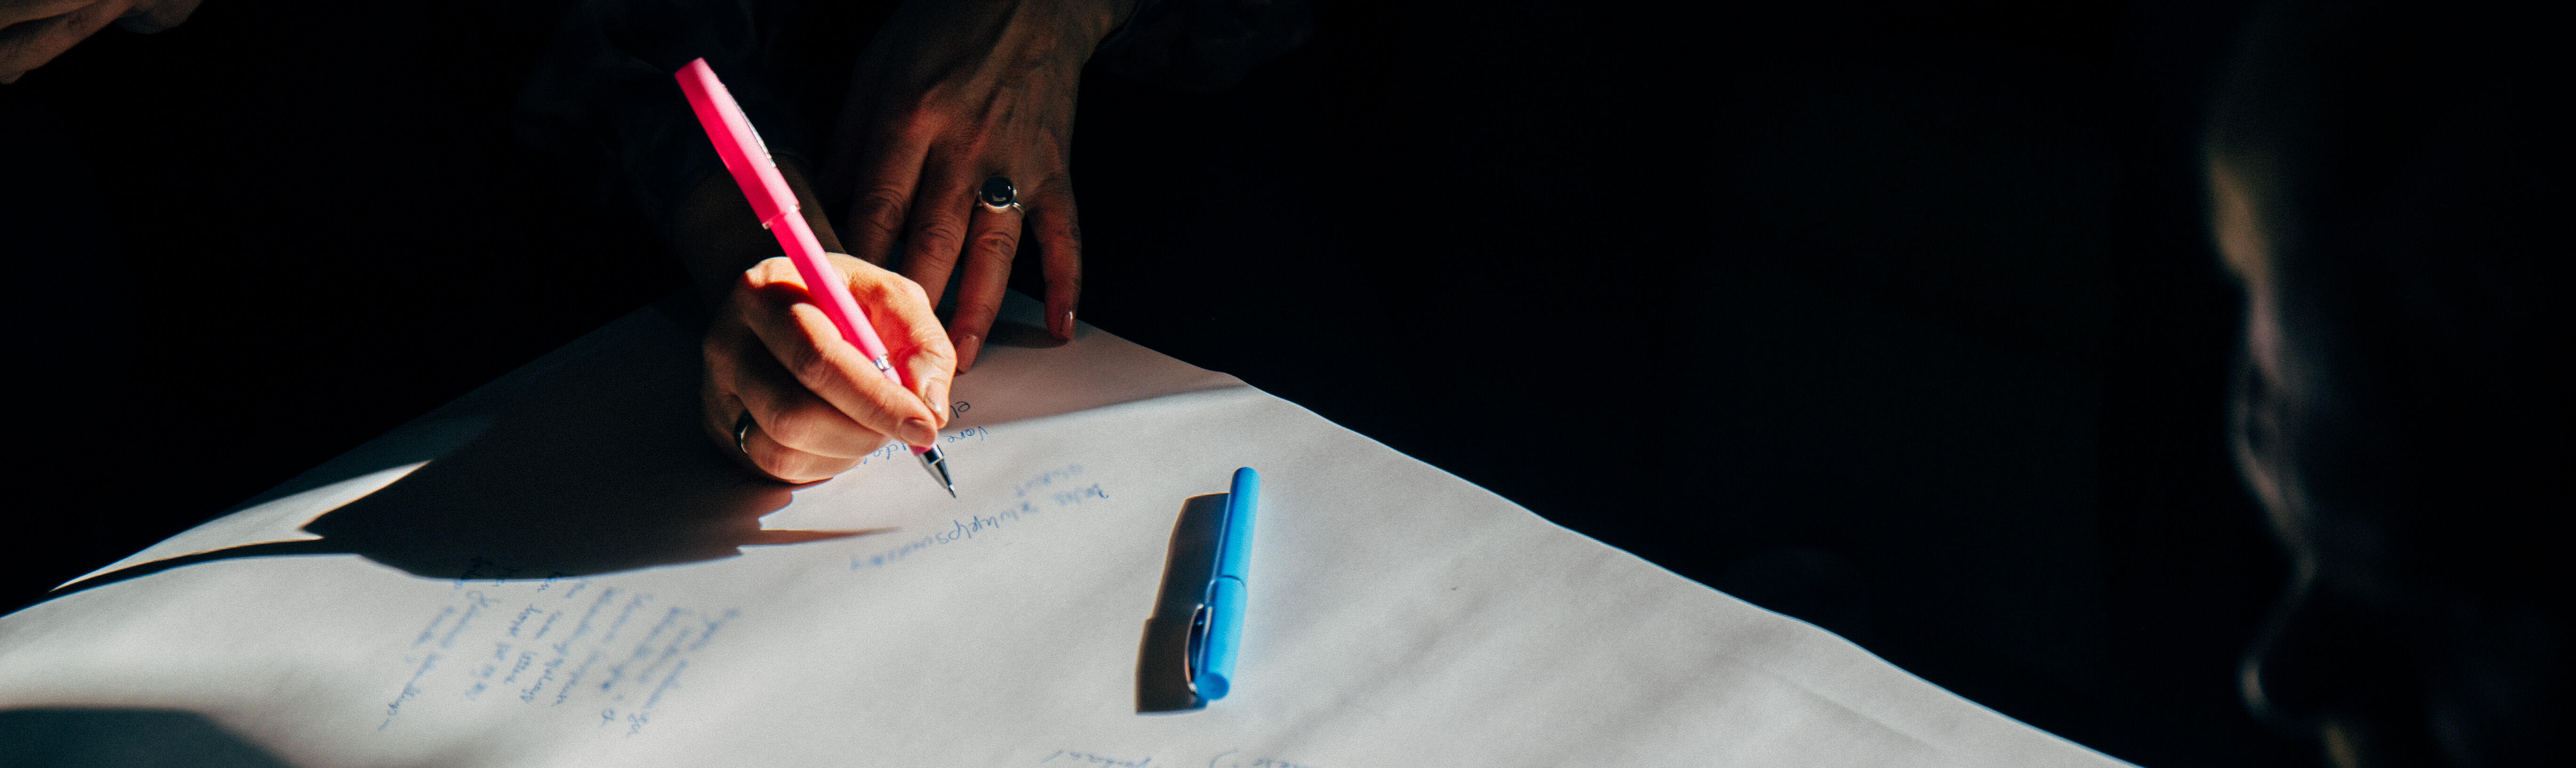 Kvinnehånd som skriver med en rosa penn.